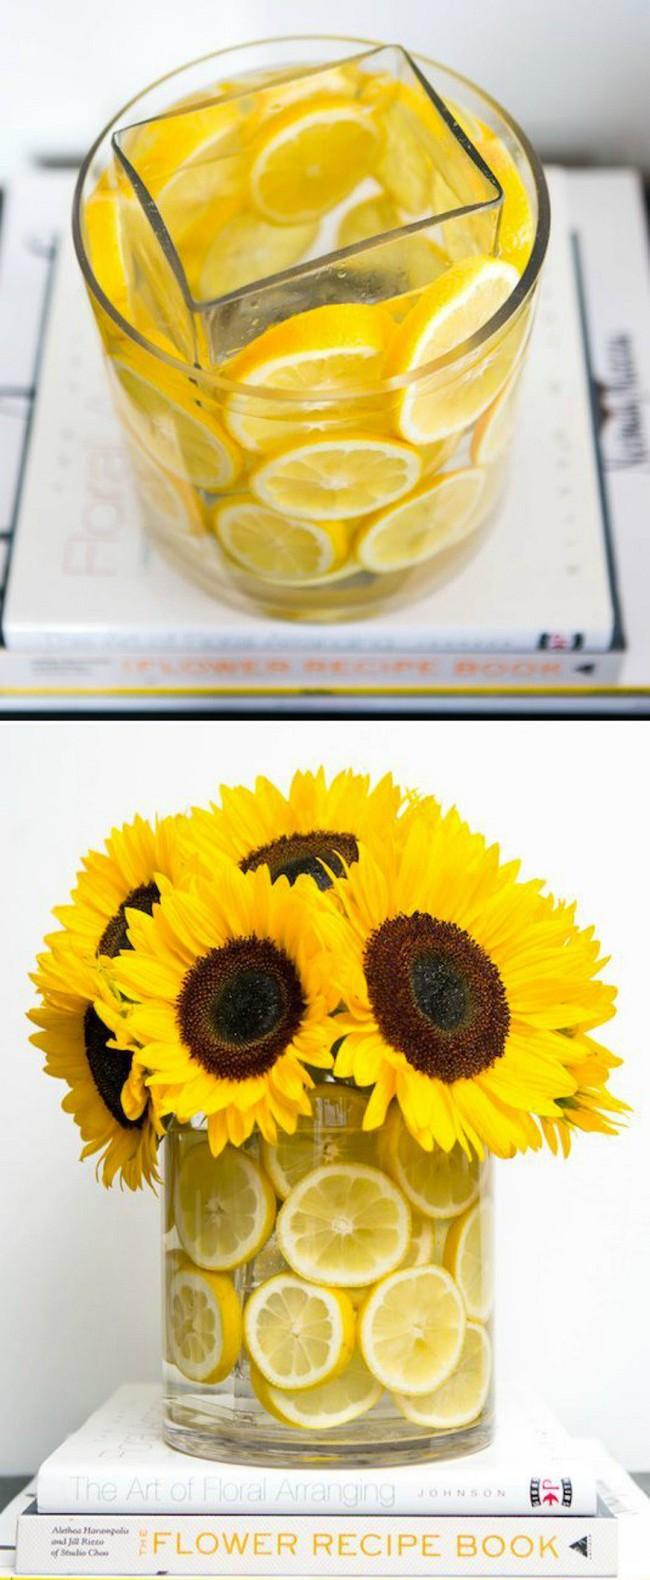 7 mẹo vặt và thủ thuật giúp bạn cắm hoa đẹp, hóa nữ công gia chánh trong mắt mọi người - Ảnh 4.